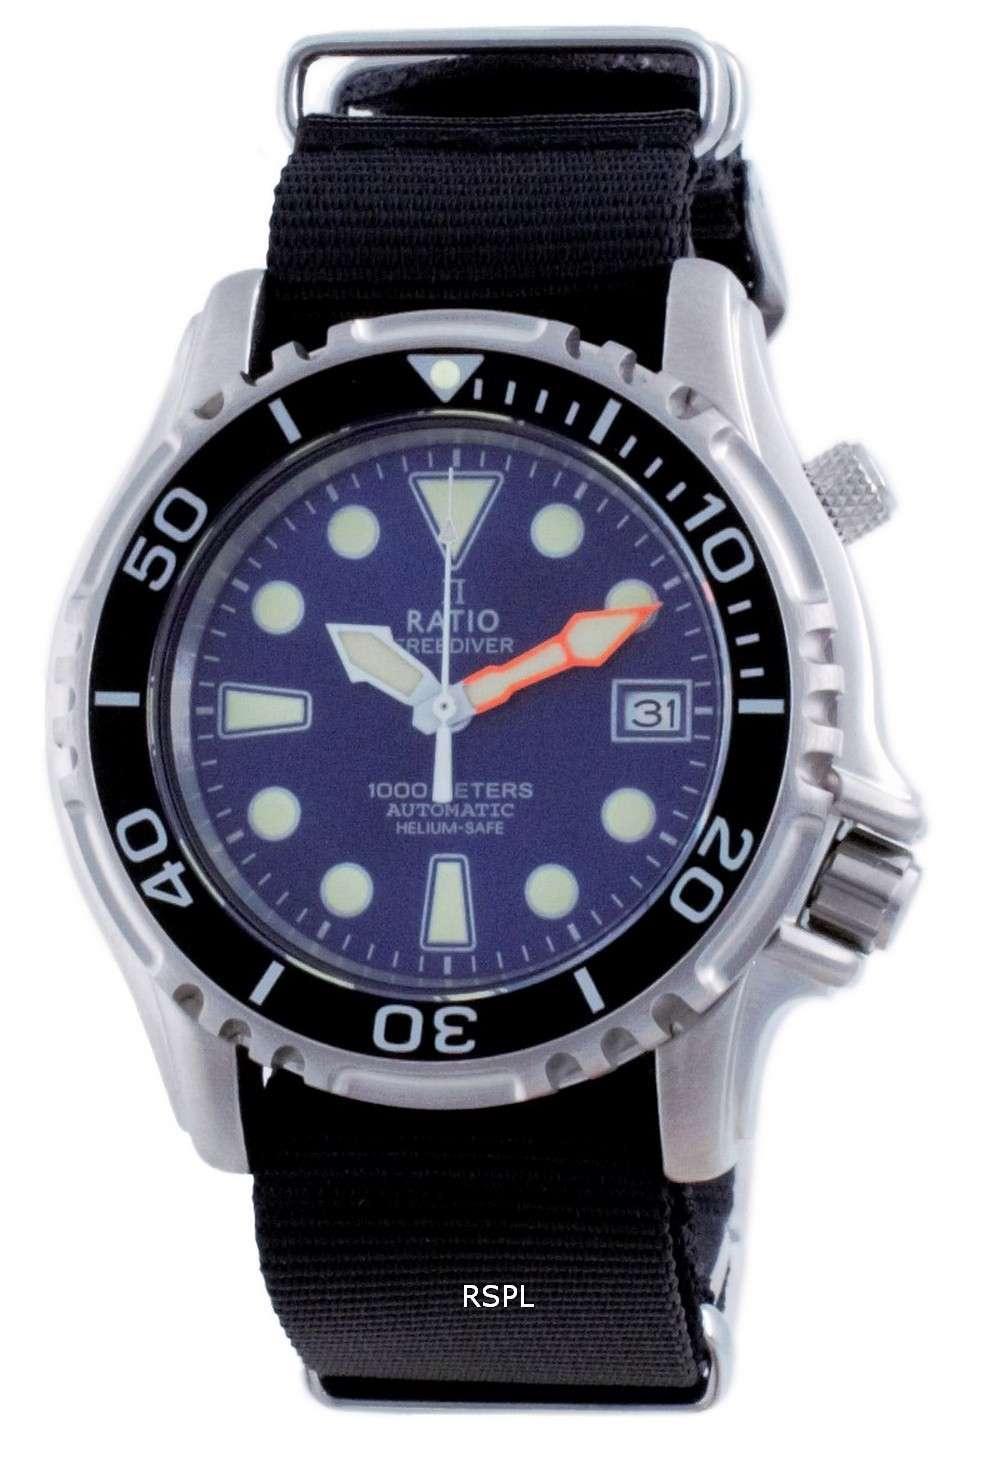 Ratio Free Diver Helium Safe Nylon Automatic Diver&#39,s 1066KE20-33VA-BLU-var-NATO4 1000M Reloj para hombre